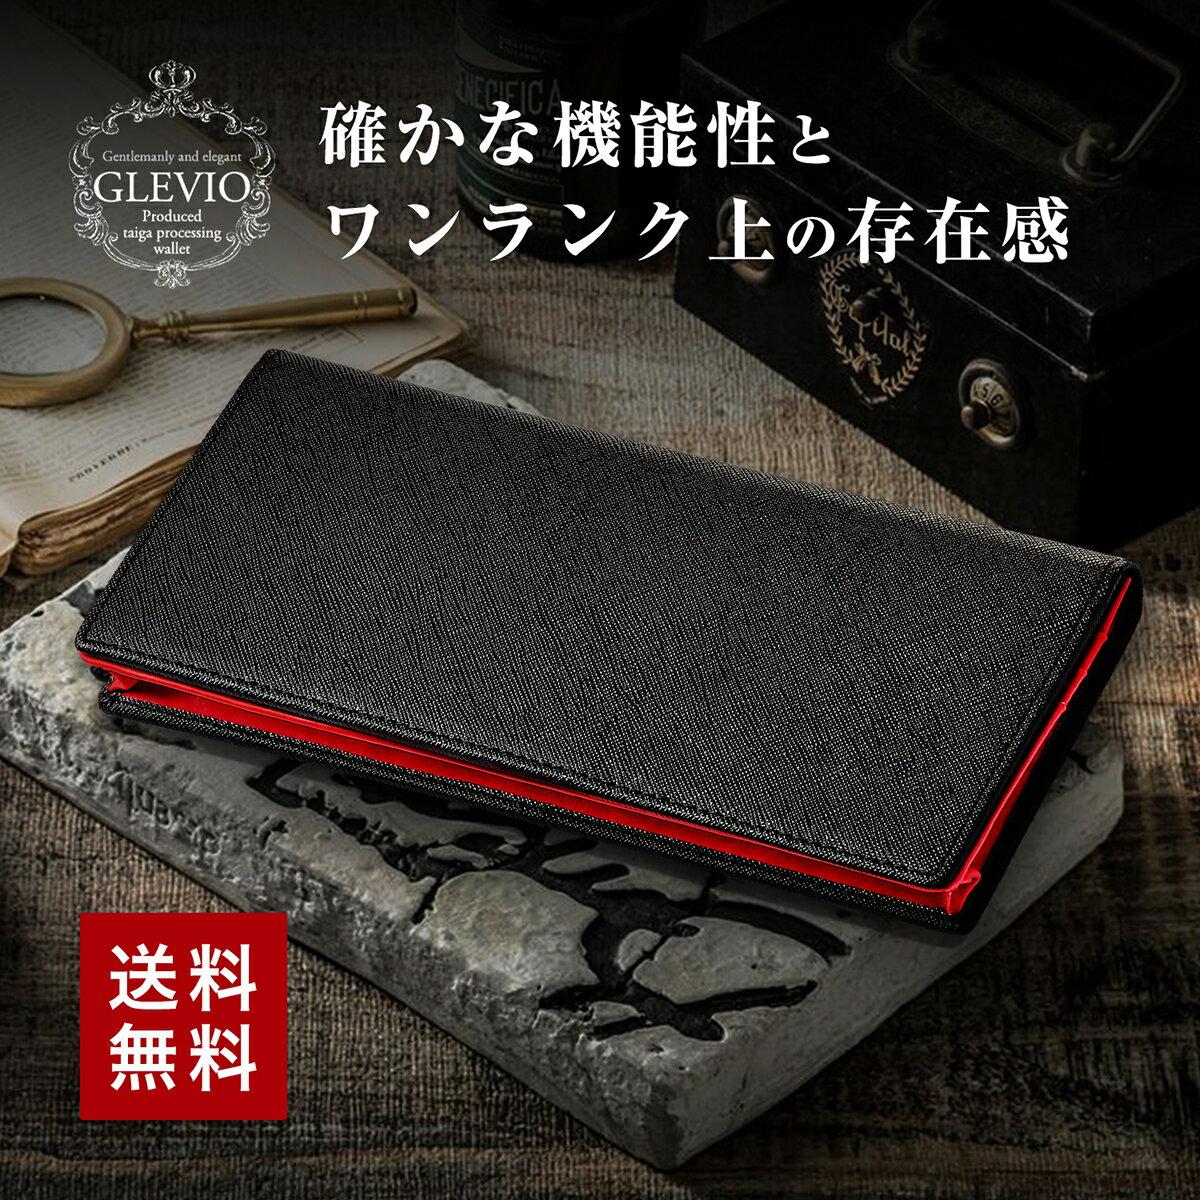 GLEVIO(グレヴィオ)【70%OFF】財布 長財布 薄い 軽量 多機能 大容量 メンズ ブラック レッド 黒 赤 サイフ